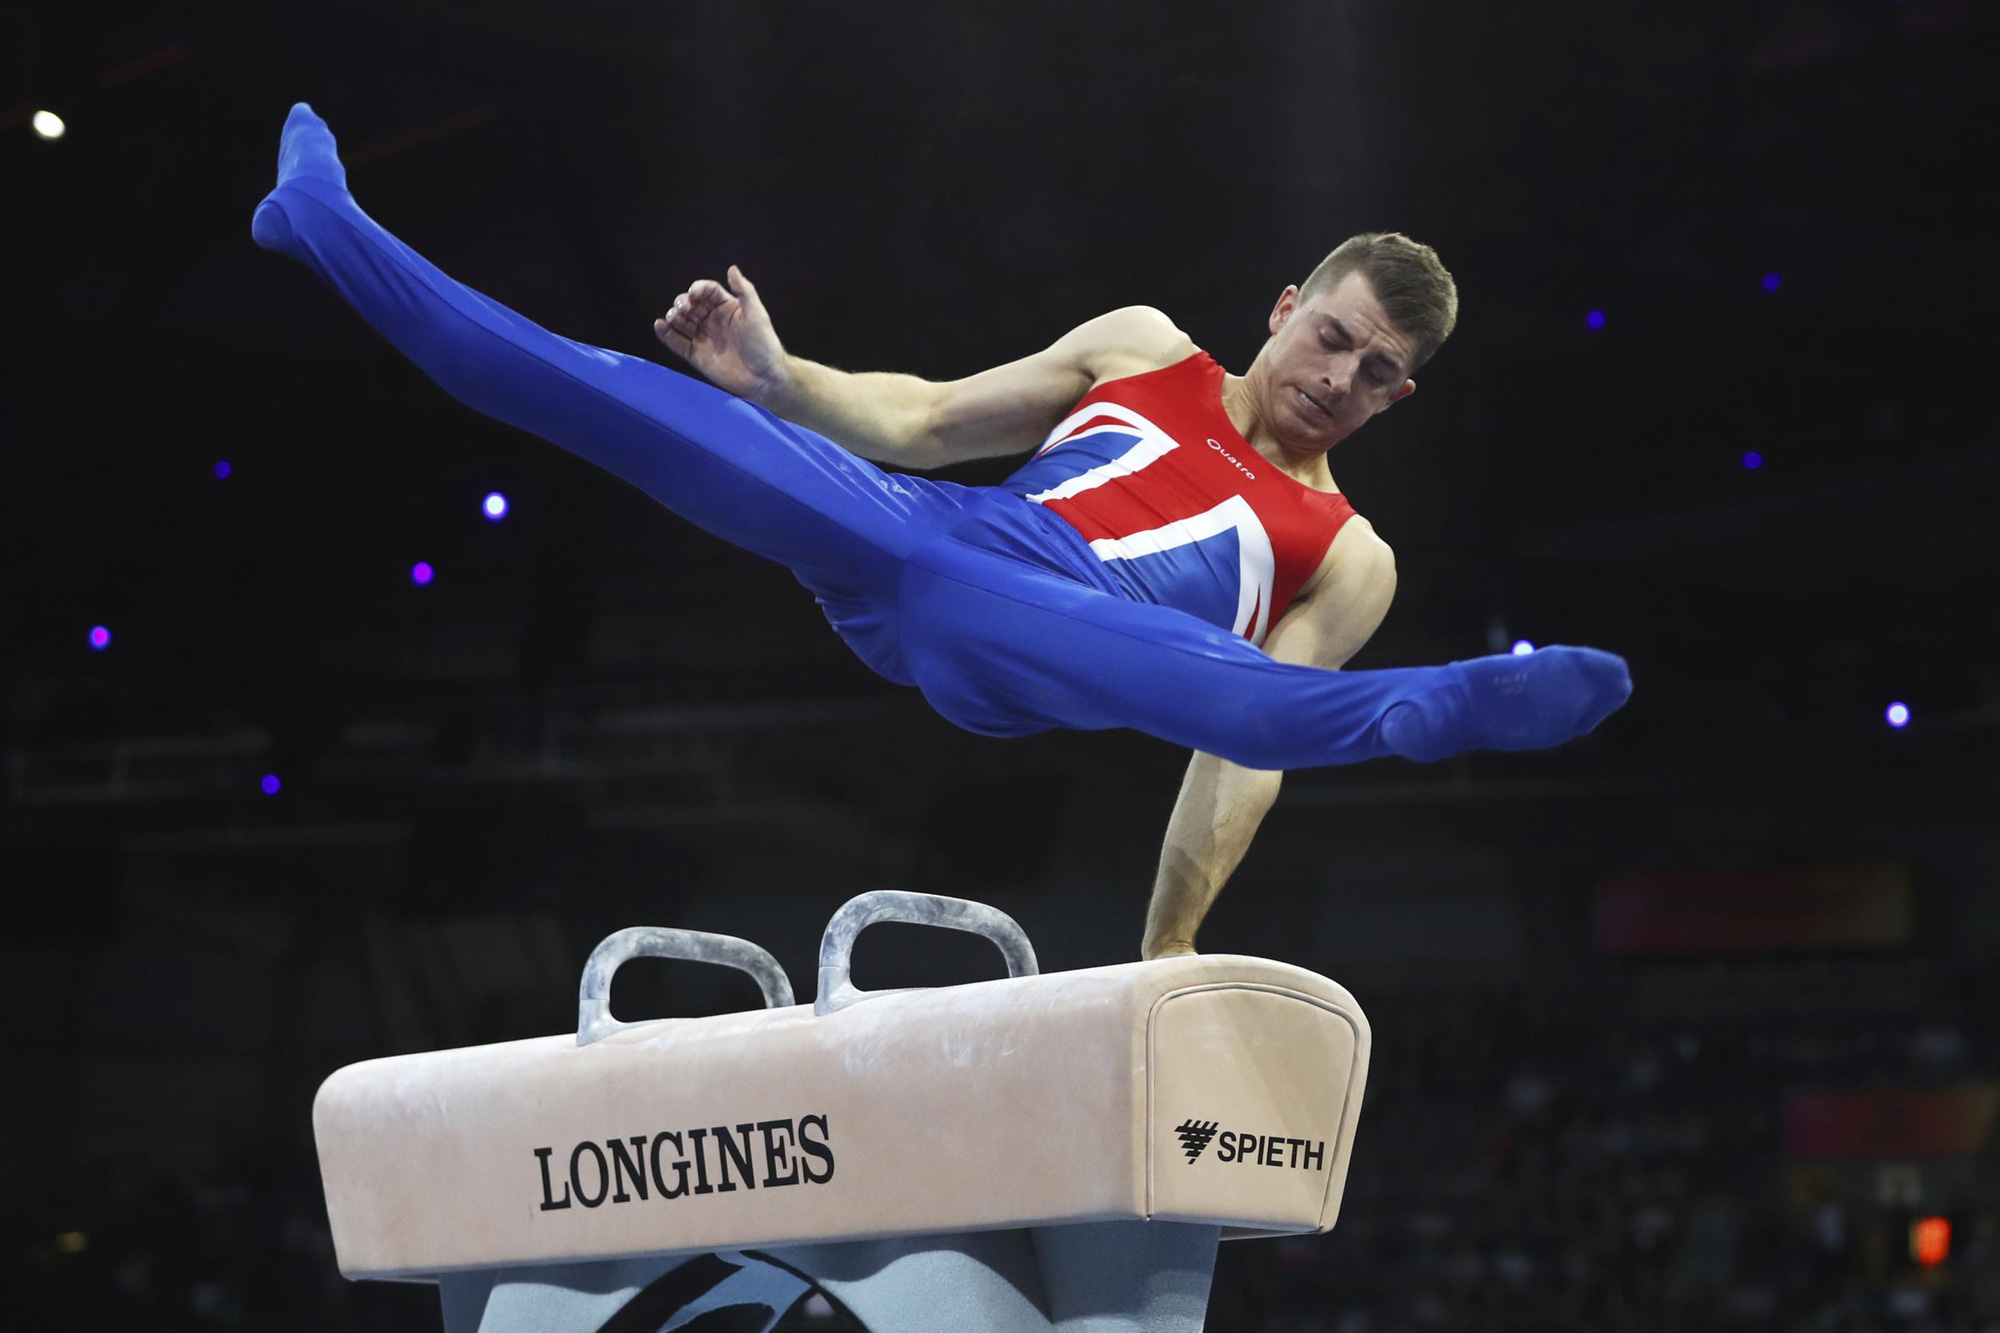 Trai đẹp từng vô địch Olympic trổ tài tập thể dục dụng cụ trên ghế sofa đầy đẳng cấp trong mùa dịch Covid-19 - Ảnh 5.